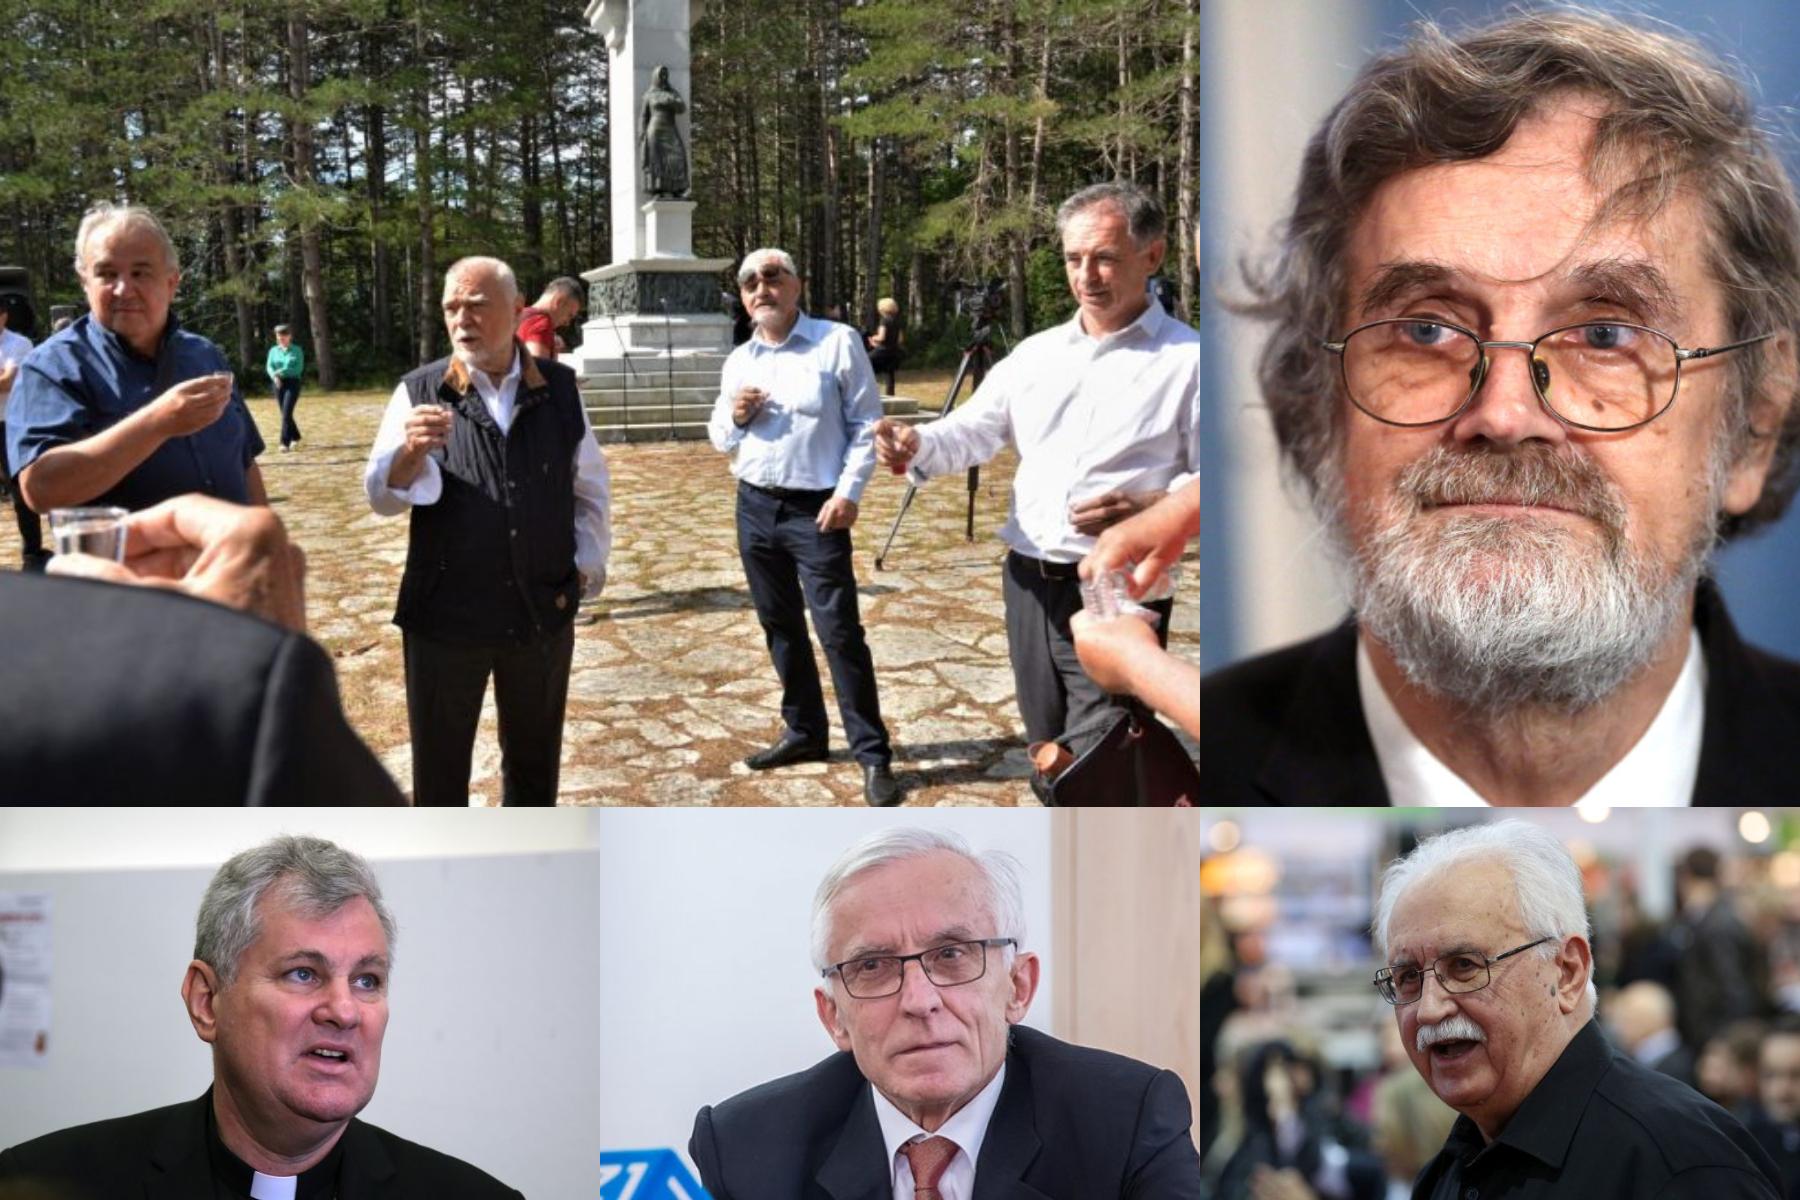 Akademici, general i biskup u pismu Milanoviću, Jandrokoviću i Plenkoviću: Ubojice u Srbu su bili četnici i komunisti, zaustavite veličanje zločina